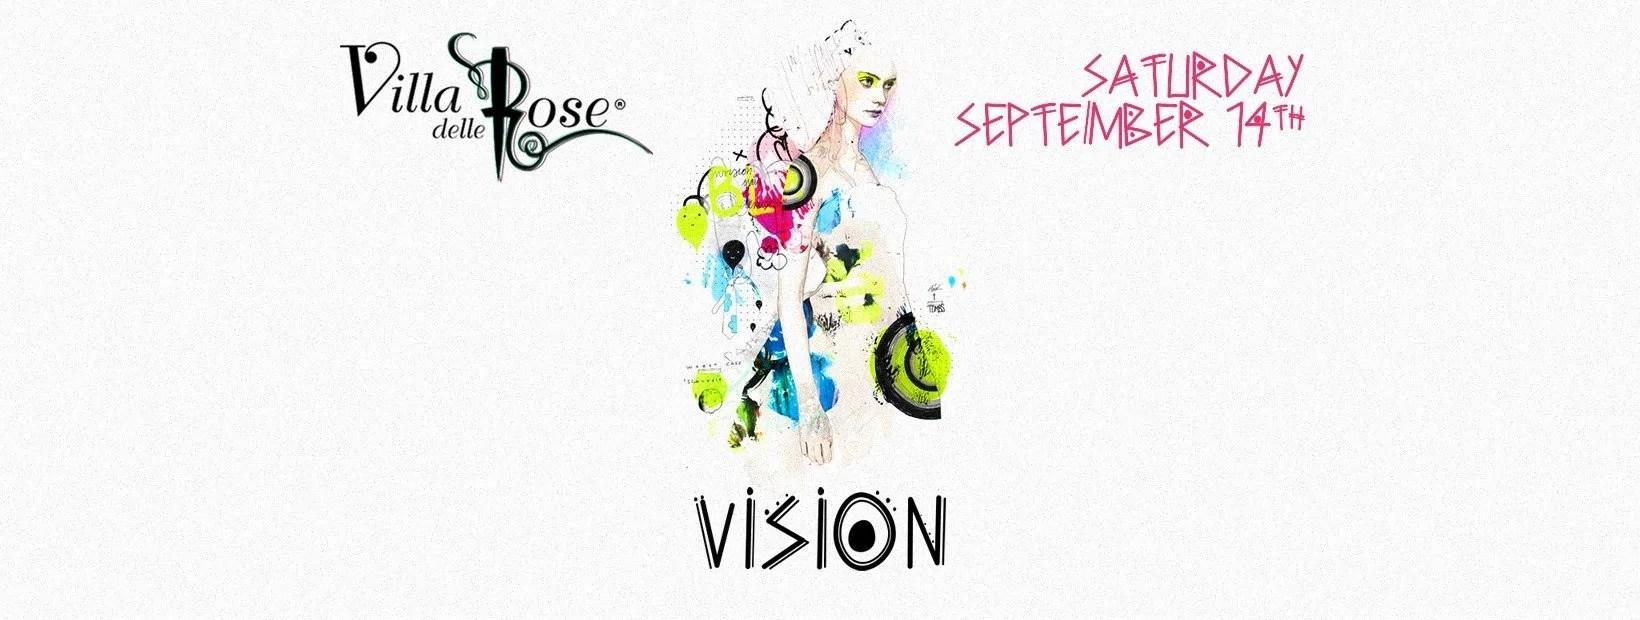 Villa Delle Rose Sabato 14 Settembre 2019